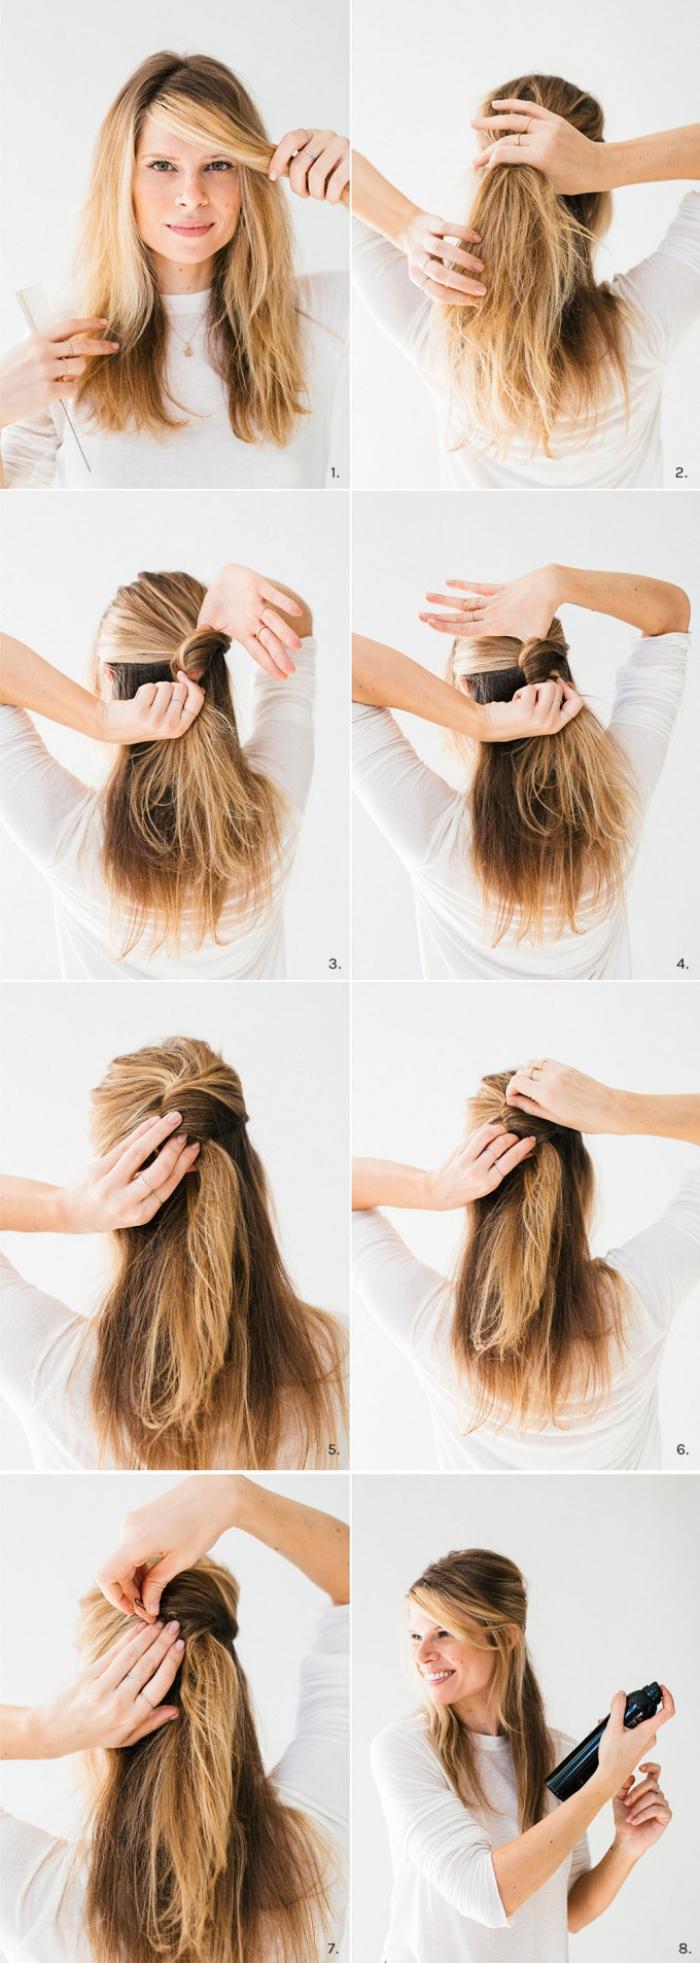 coiffure femme, tutoriel pour se faire une coiffure avec frange de côté et cheveux mi-attachés avec volume